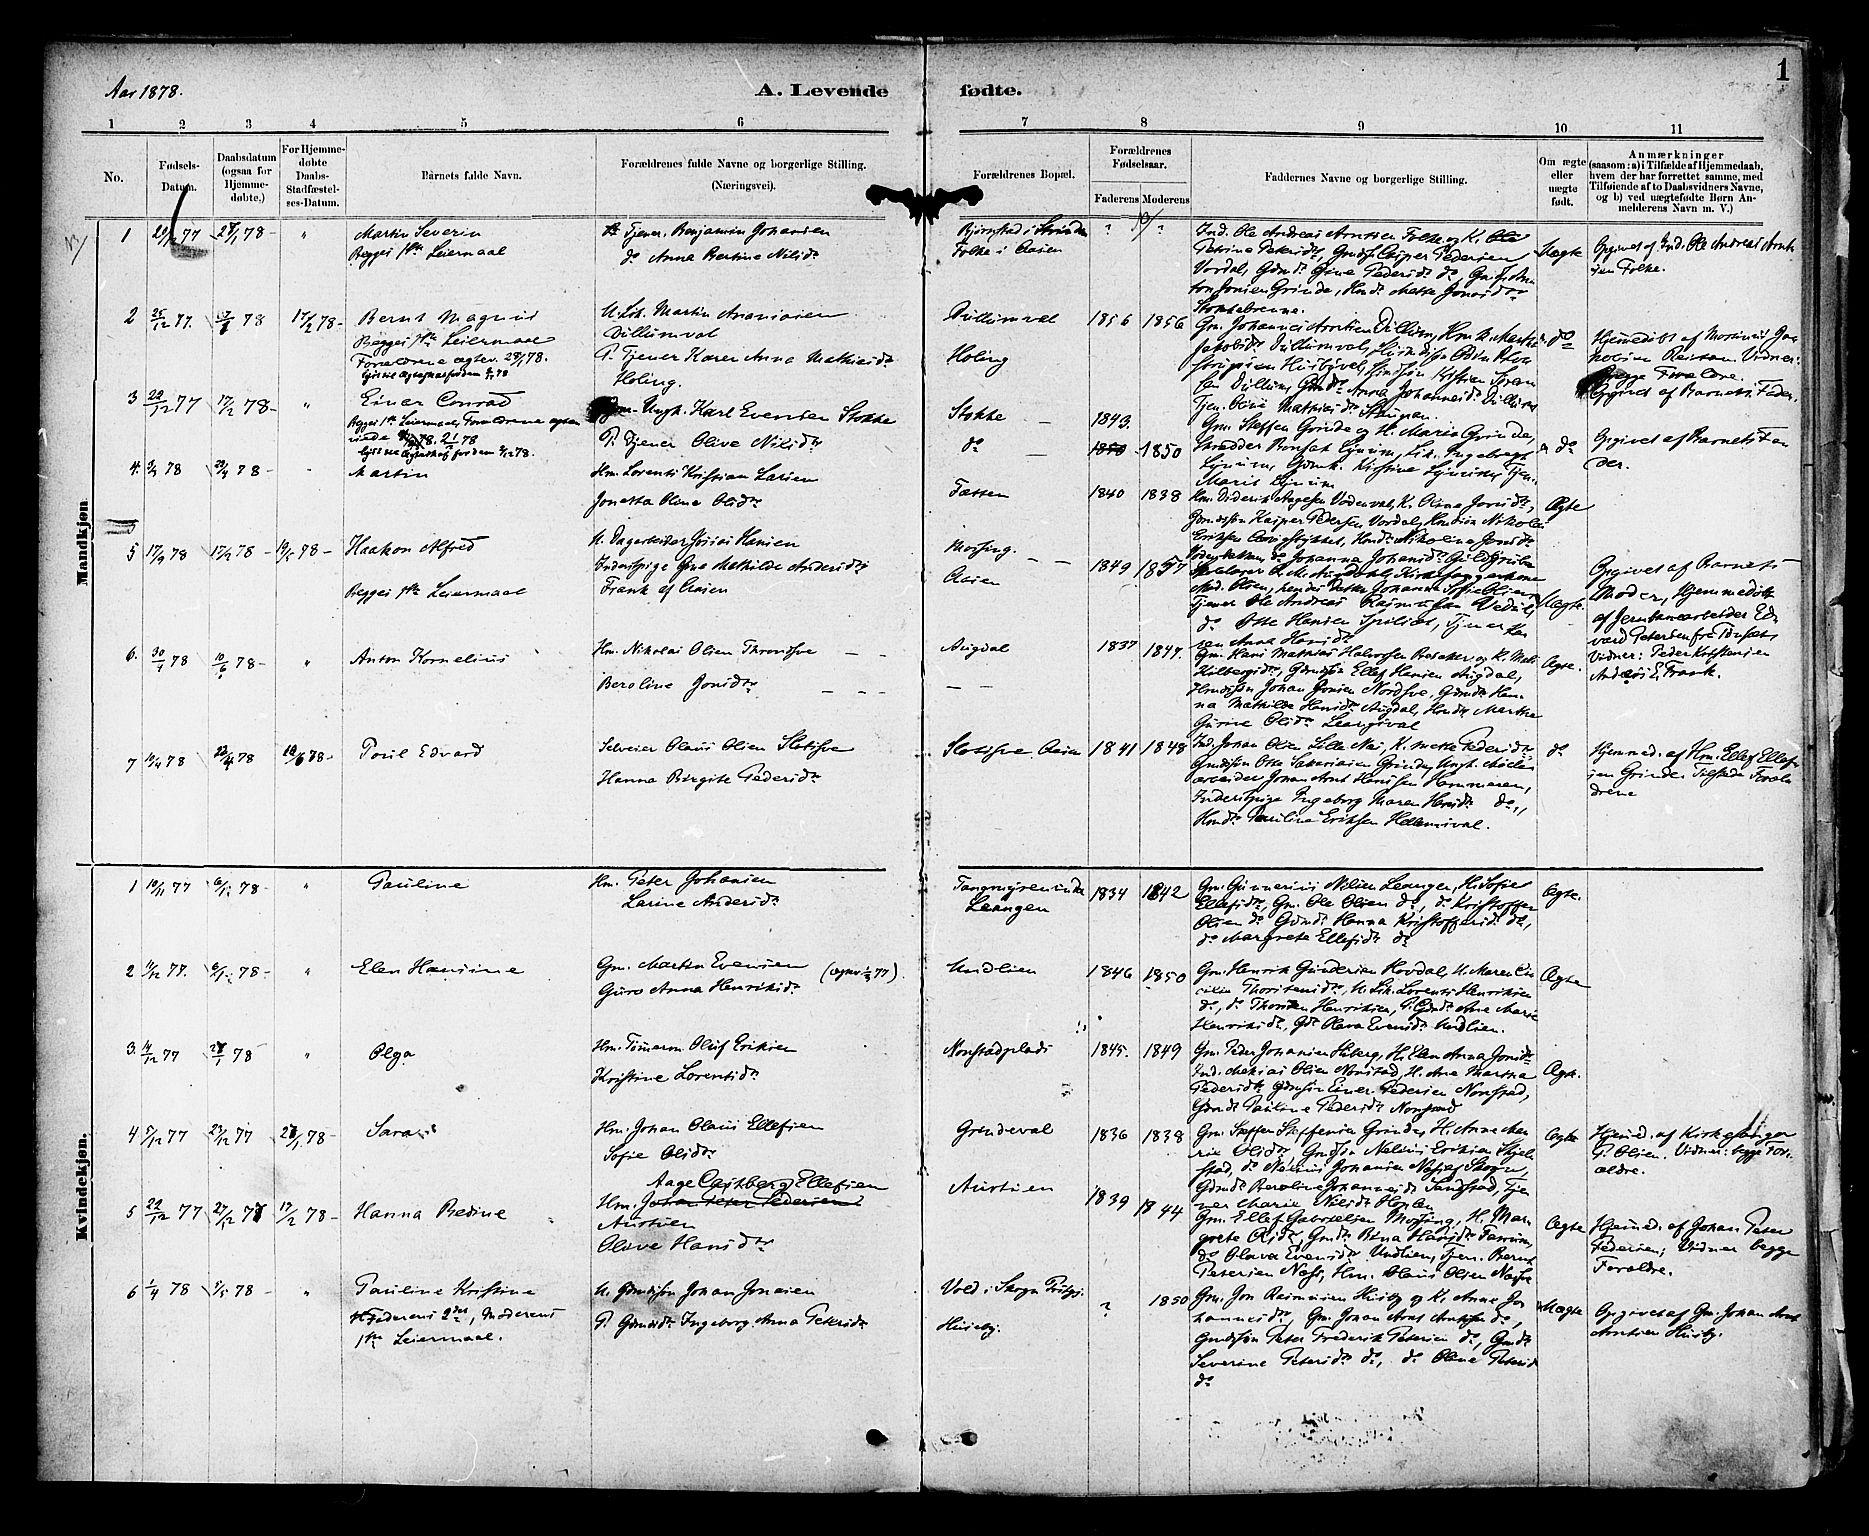 SAT, Ministerialprotokoller, klokkerbøker og fødselsregistre - Nord-Trøndelag, 714/L0130: Ministerialbok nr. 714A01, 1878-1895, s. 1